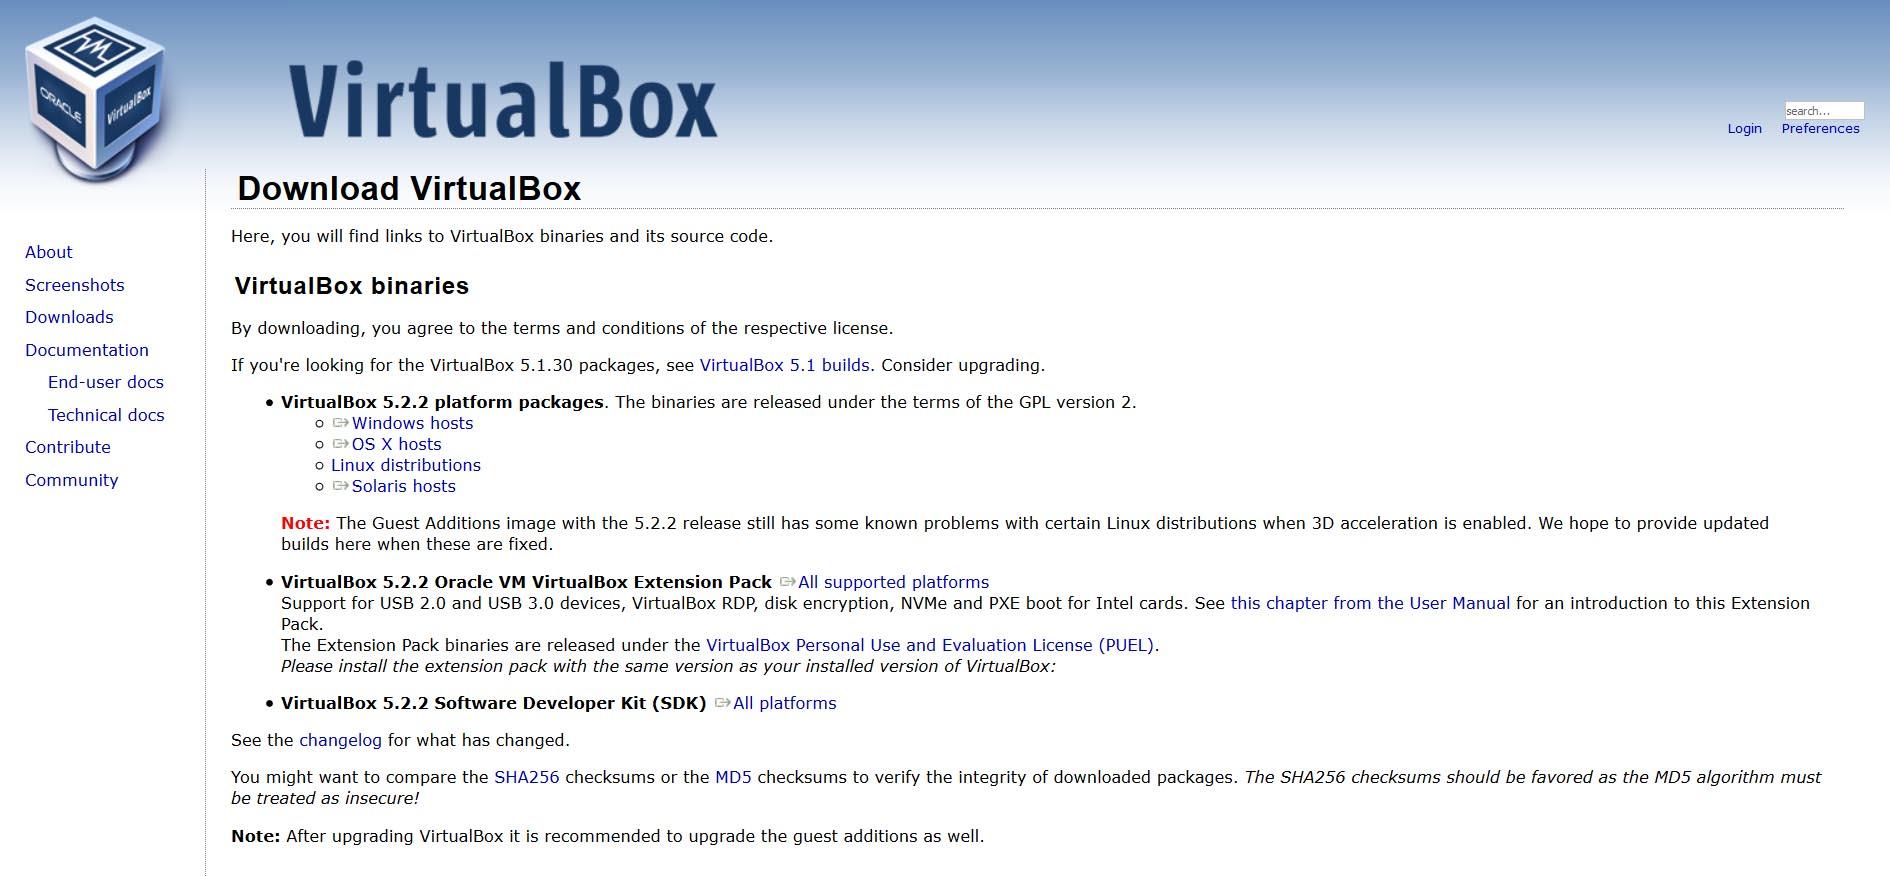 Macchina Virtuale, download VirtualBox